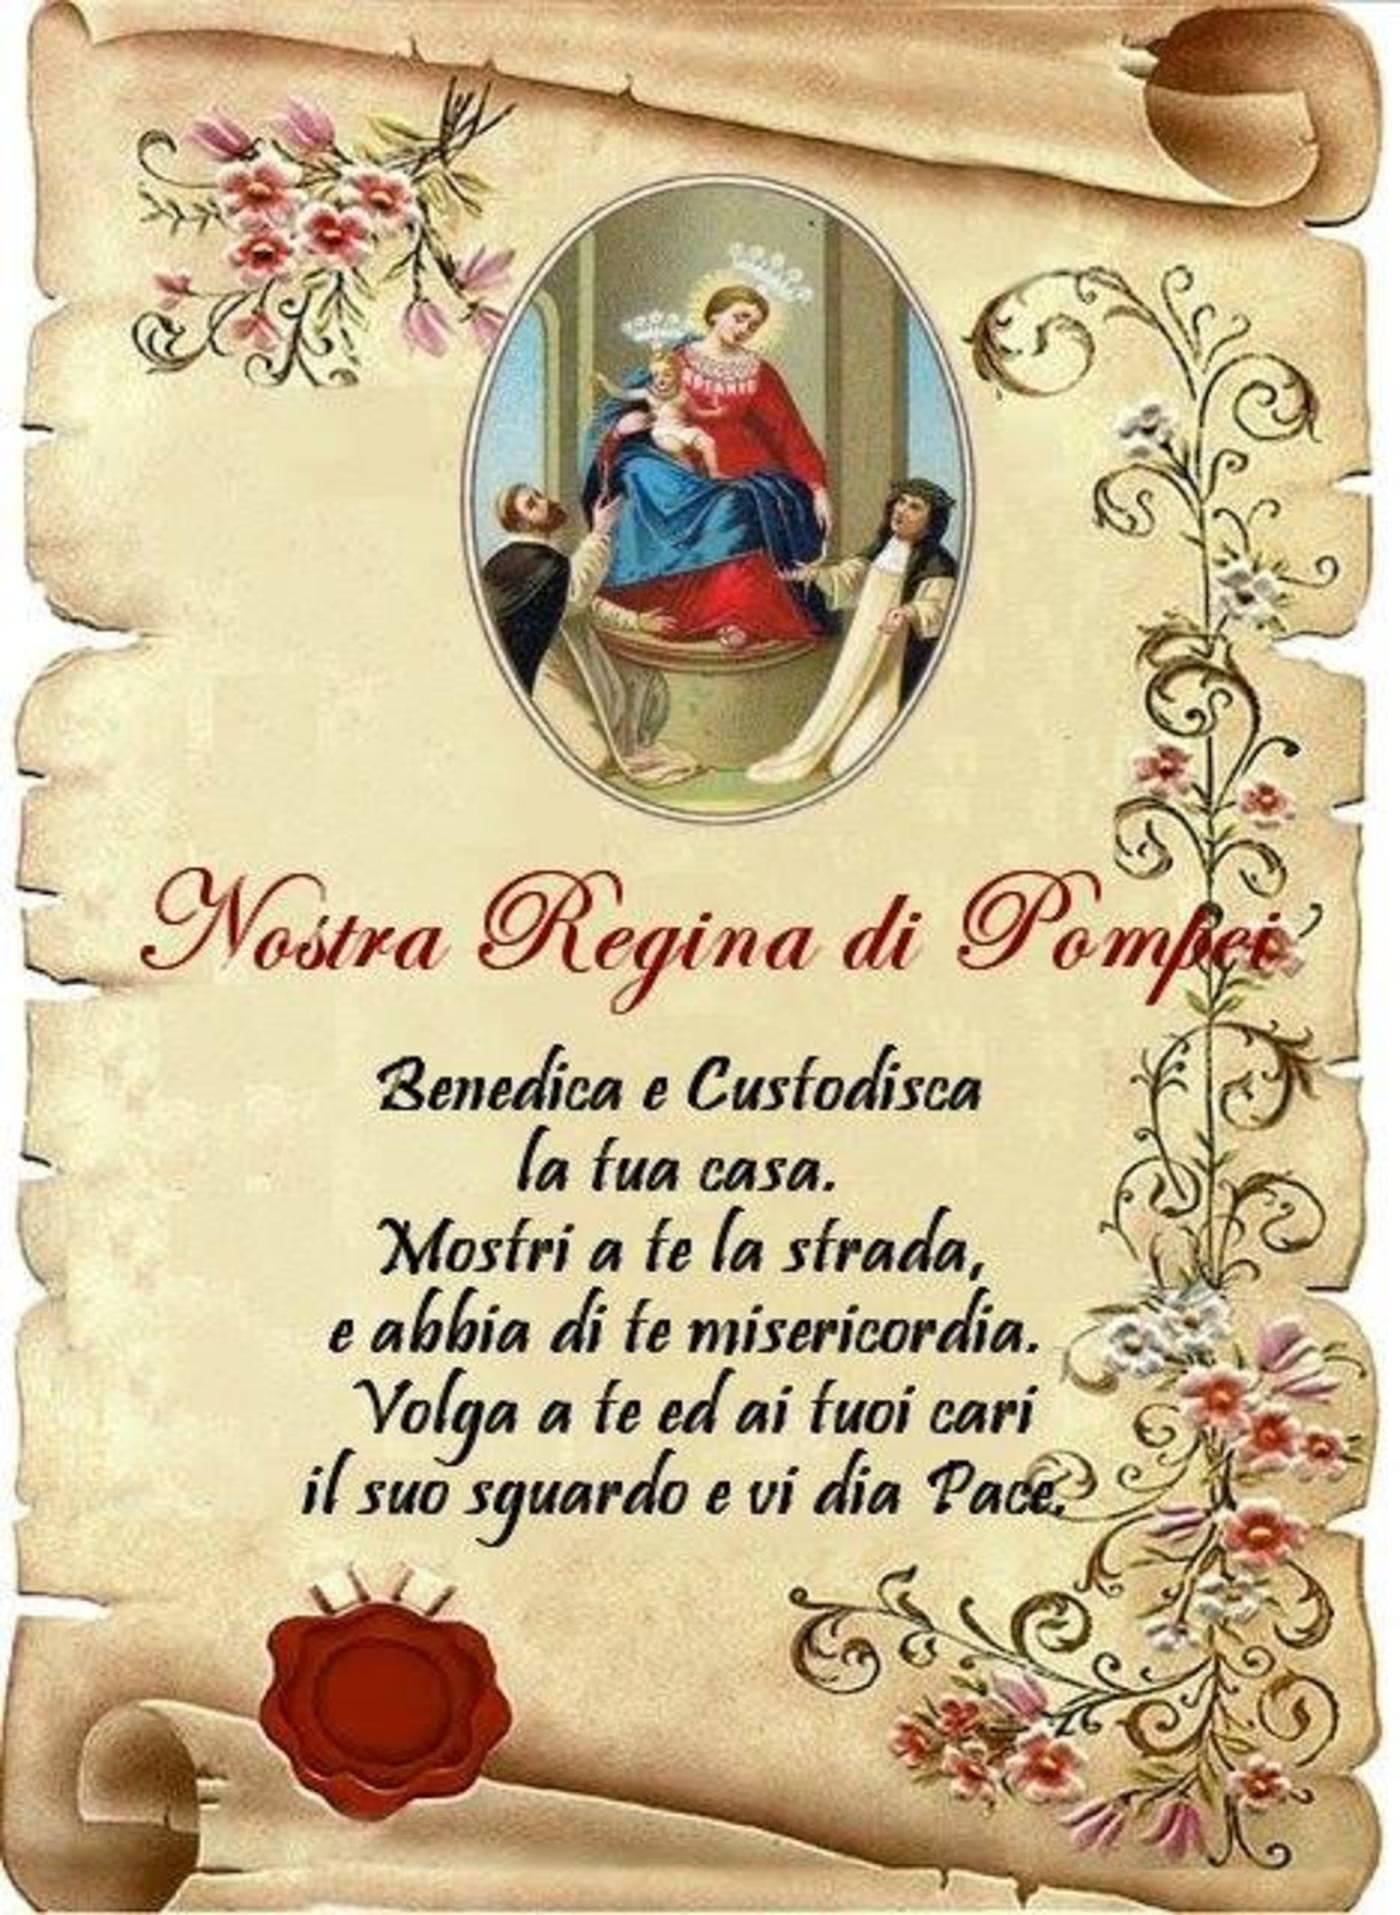 Nostra Regina di Pompei preghiere